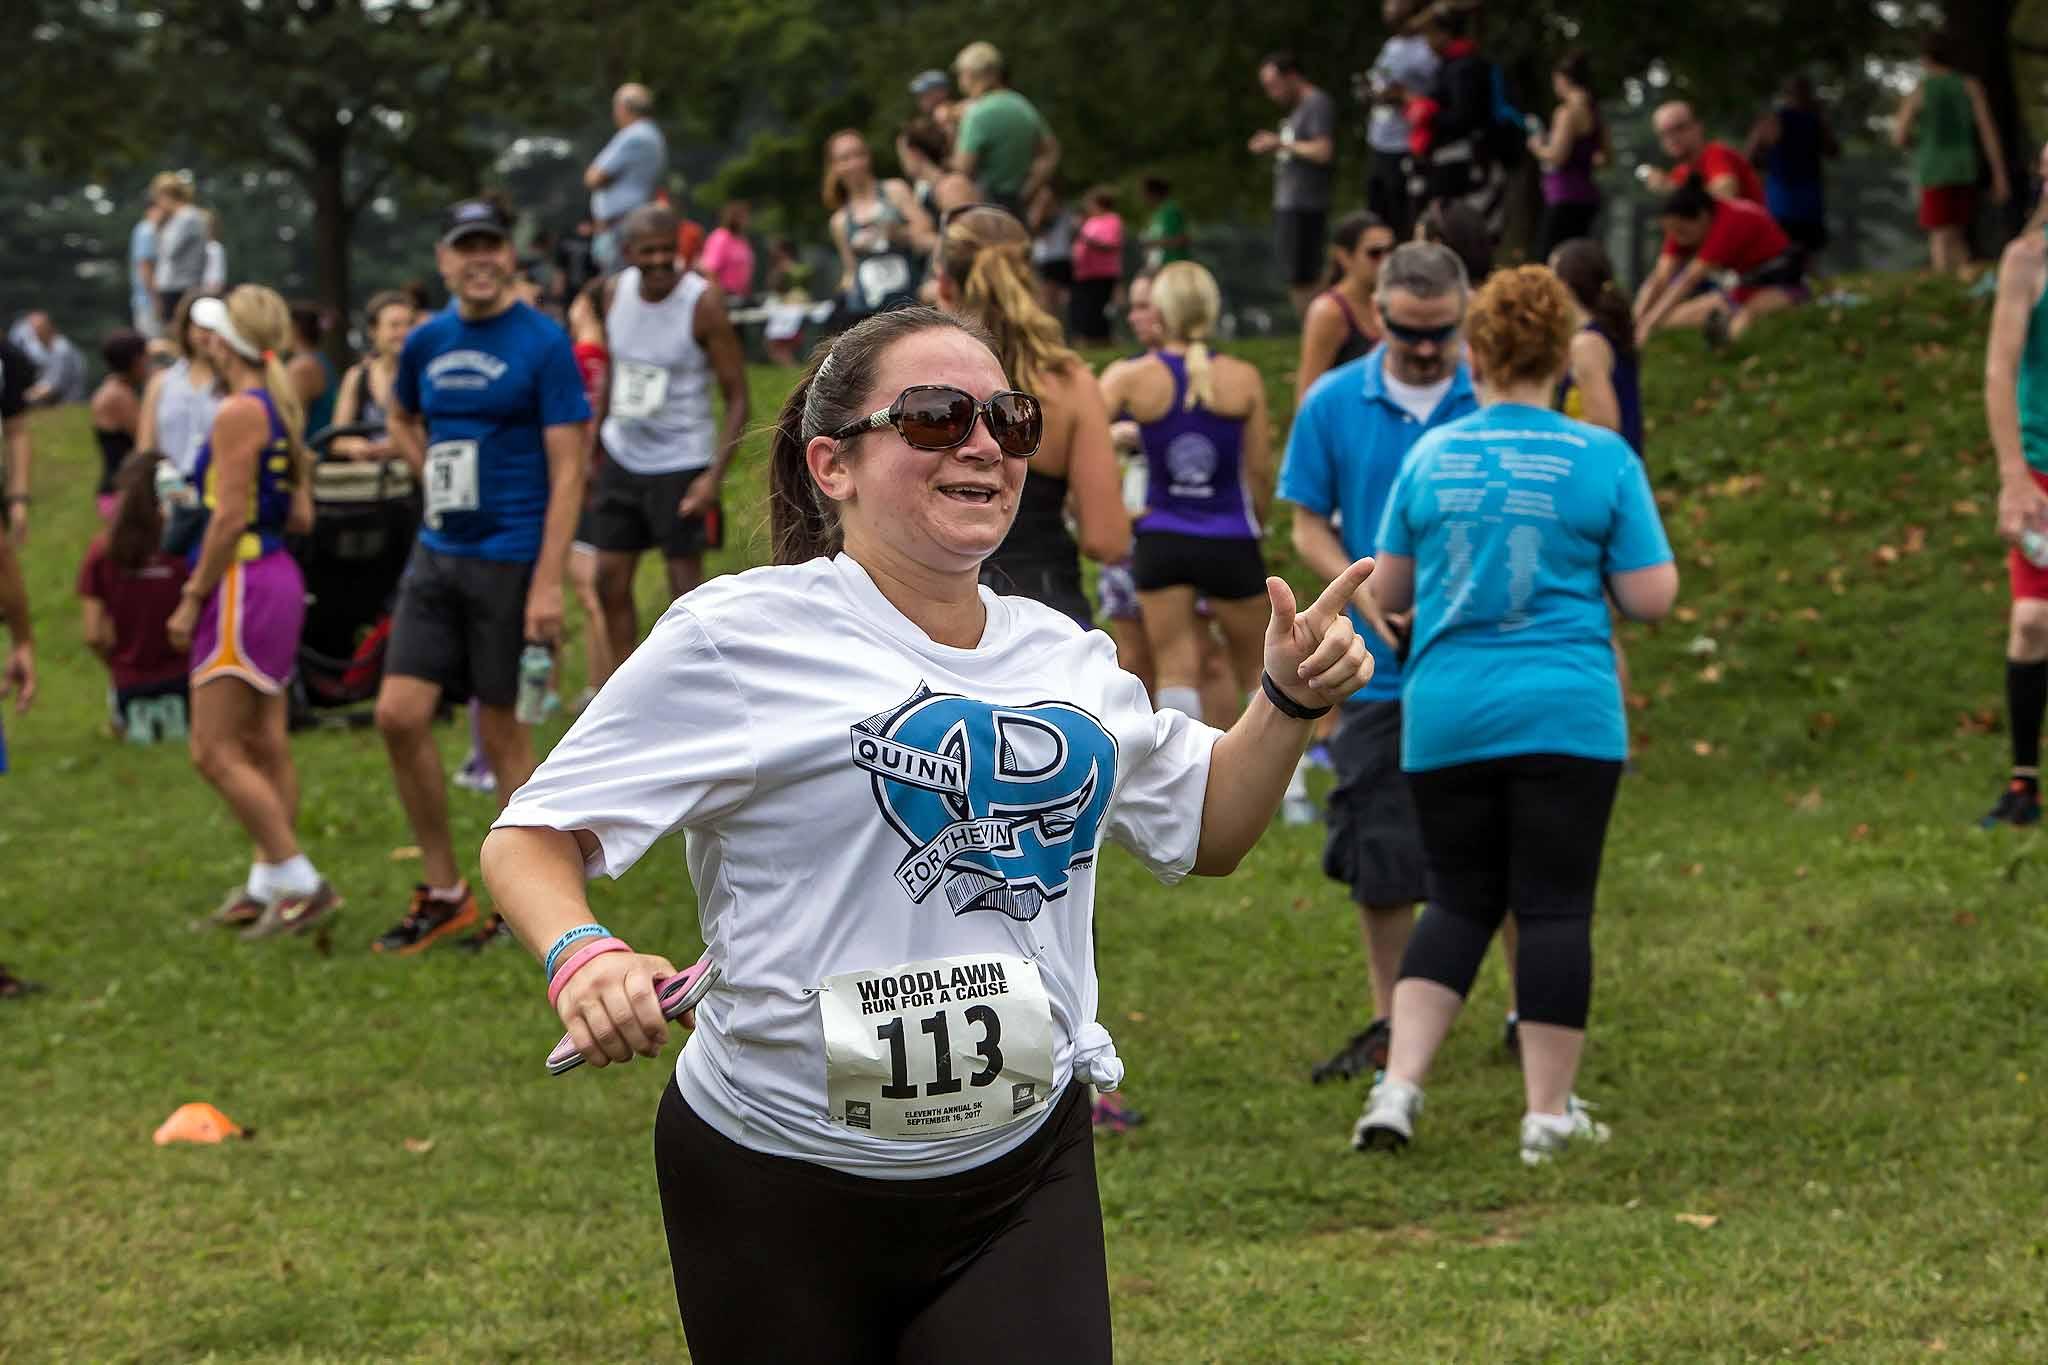 151-Woodlawn Run for a Cause-390.jpg